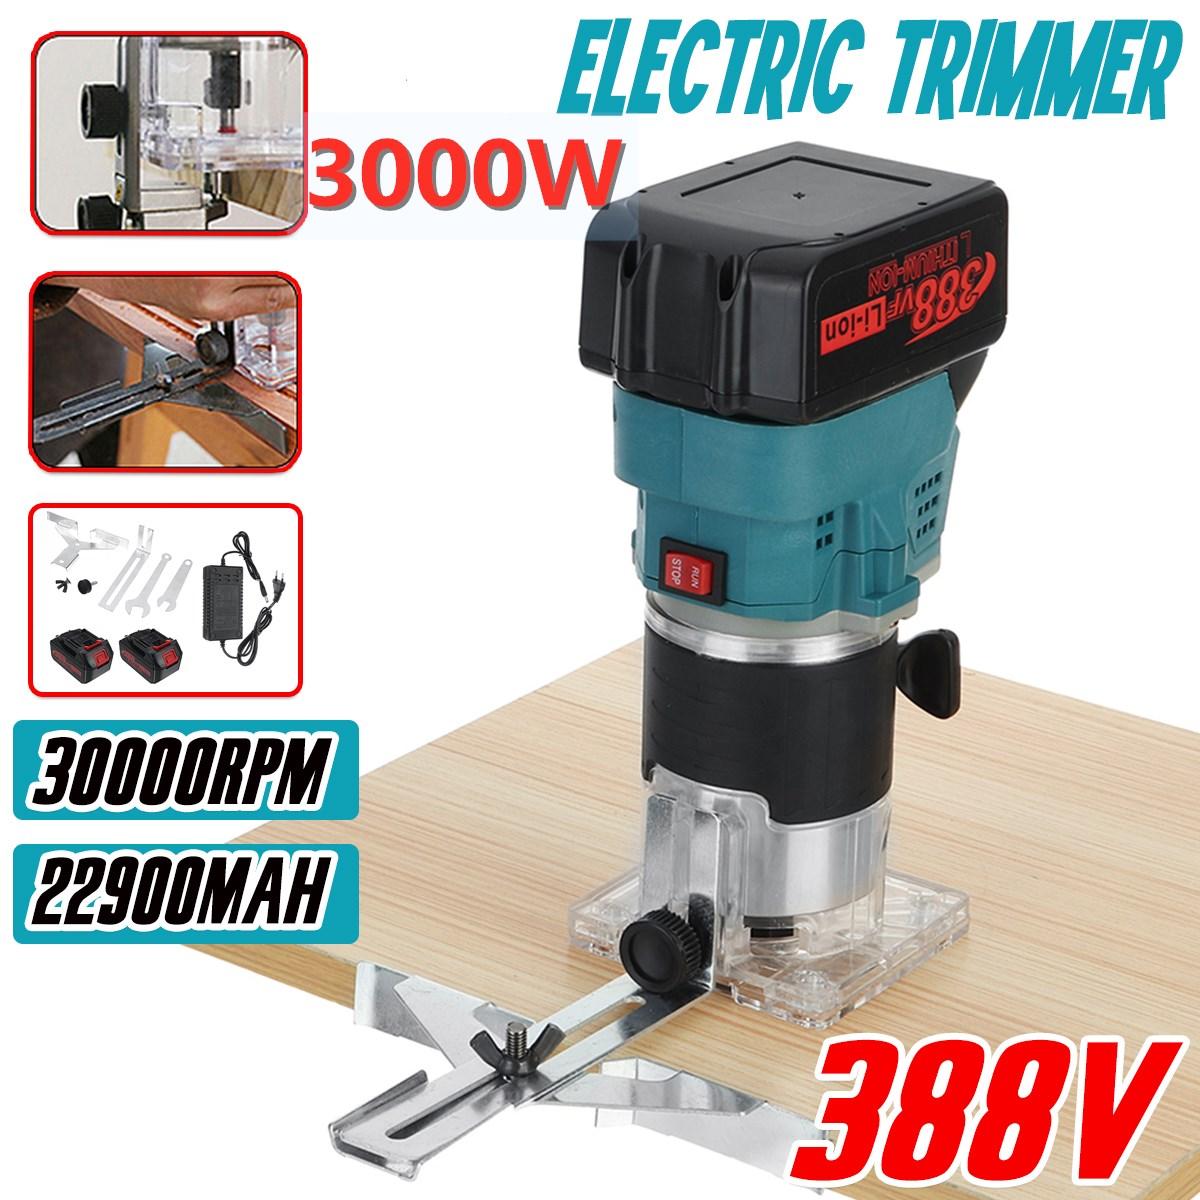 3000 واط 388 فولت فرش اللاسلكي الكهربائية المتقلب جهاز توجيه الخشب النقش الشق التشذيب آلة نحت للبطارية ماكيتا 18 فولت